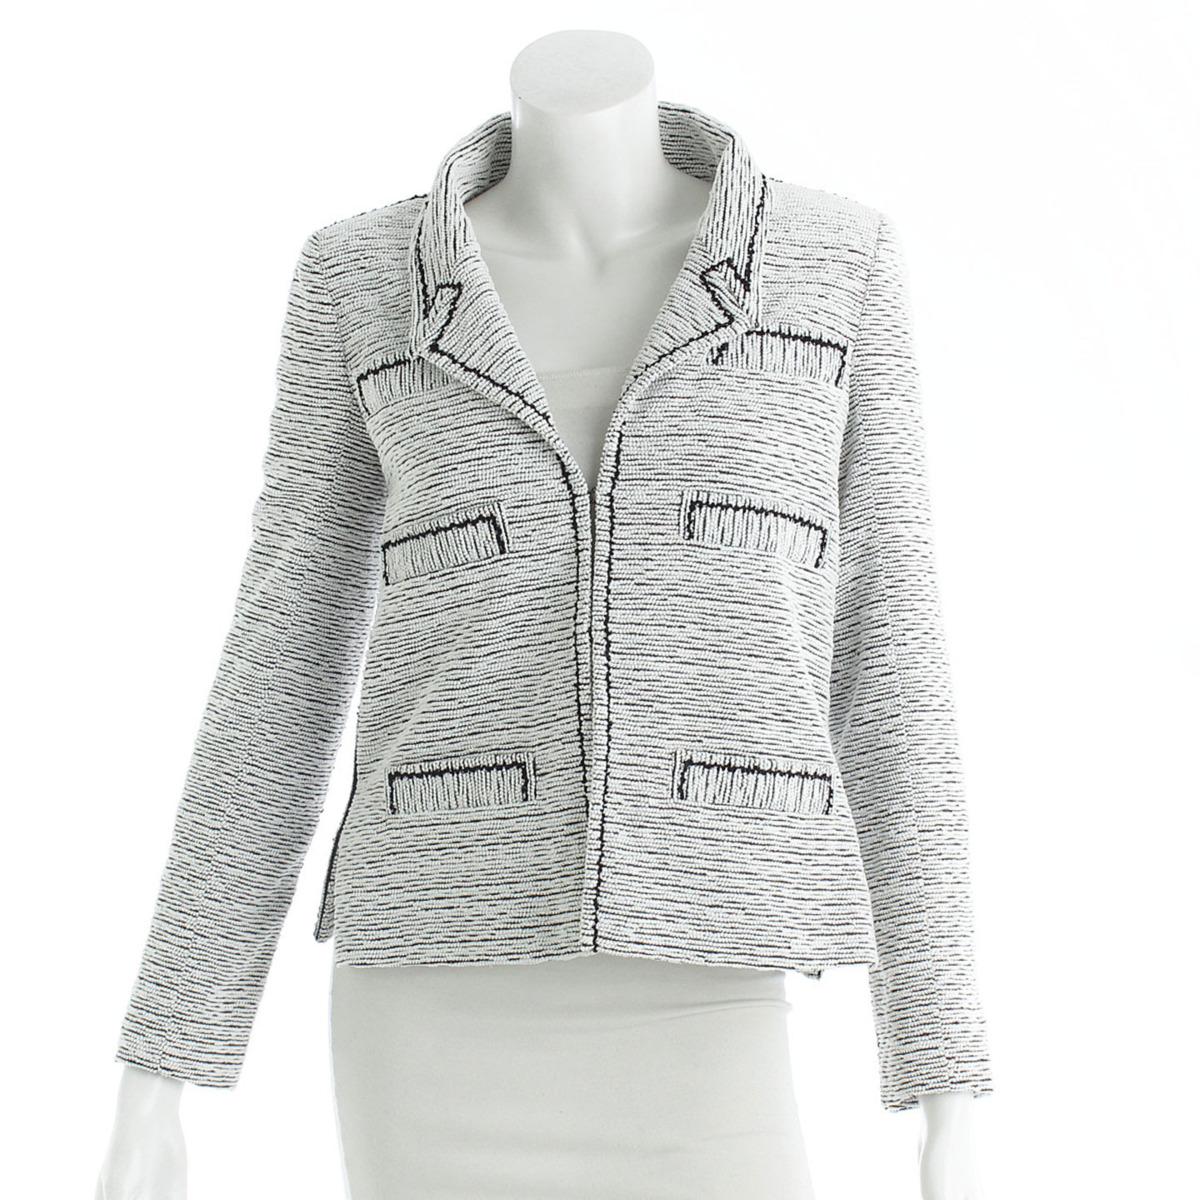 【シャネル】Chanel ツイード ジャケット ホワイト×ブラック 34 【中古】【鑑定済・正規品保証】【送料無料】25738